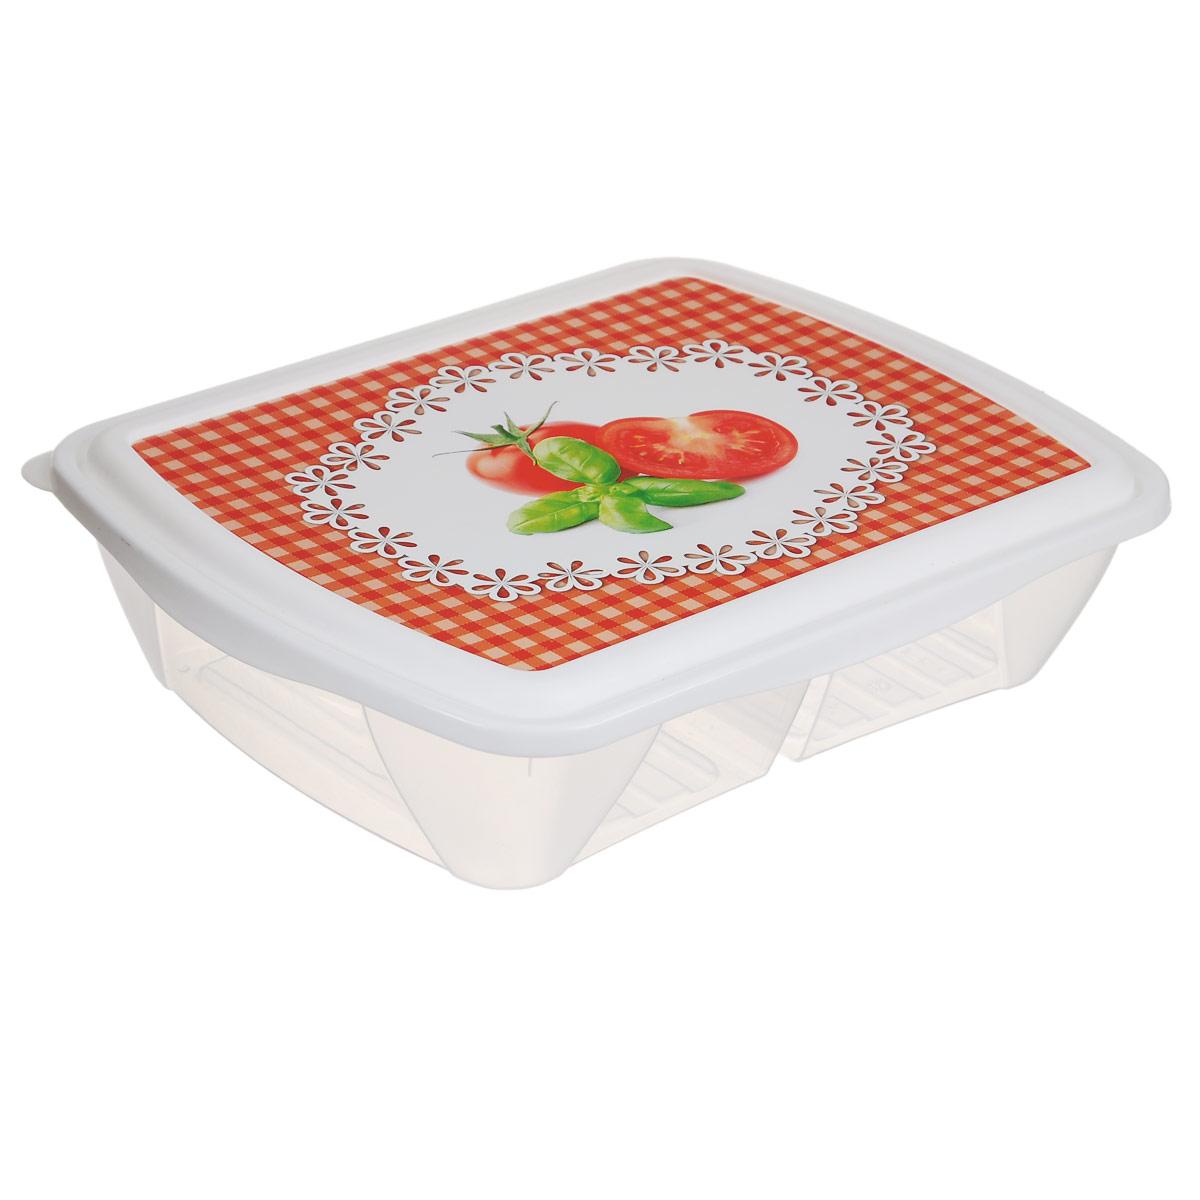 Контейнер двухсекционный Phibo Рондо. Помидоры, 1,25 лС11737Контейнер Phibo Рондо изготовлен из пищевого пластика, устойчивого к высоким температурам. Крышка плотно закрывается, дольше сохраняя еду свежей и вкусной. Контейнер снабжен 2 секциями, которые позволяют хранить сразу несколько продуктов или блюд. Такой контейнер удобно брать с собой на работу, учебу, пикник или просто использовать для хранения продуктов в холодильнике.Подходит для разогрева пищи в микроволновой печи и для заморозки в морозильной камере. Можно мыть в посудомоечной машине.